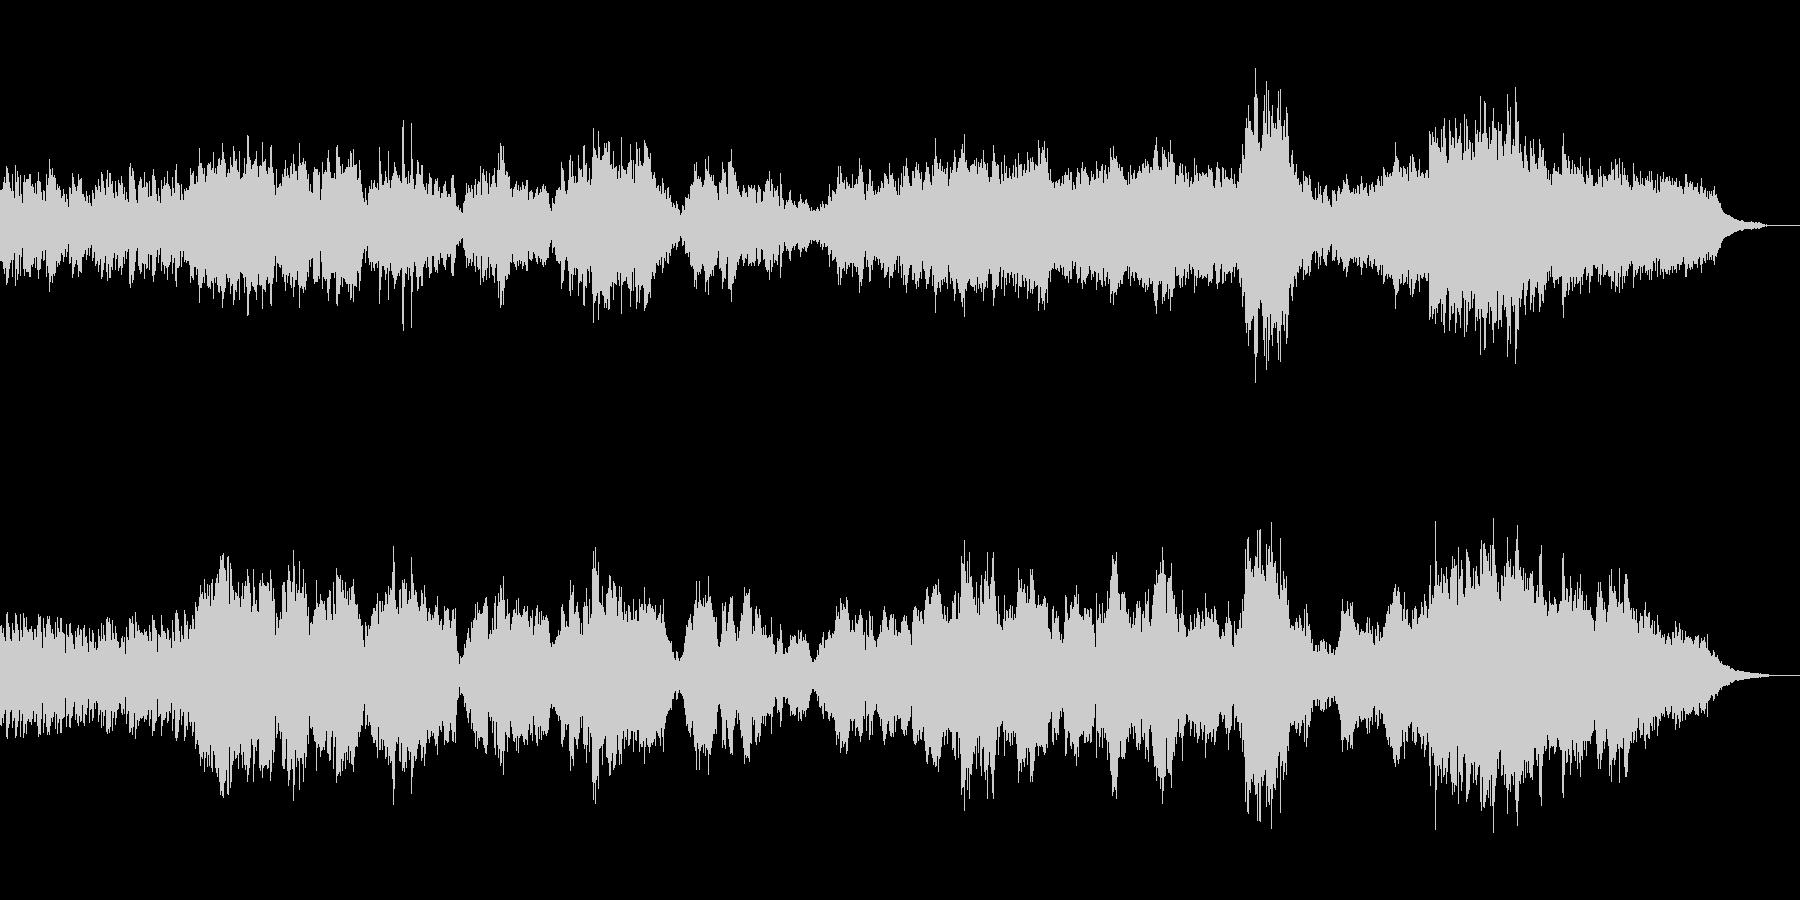 グノーのアヴェ・マリア、ピアノとチェロの未再生の波形